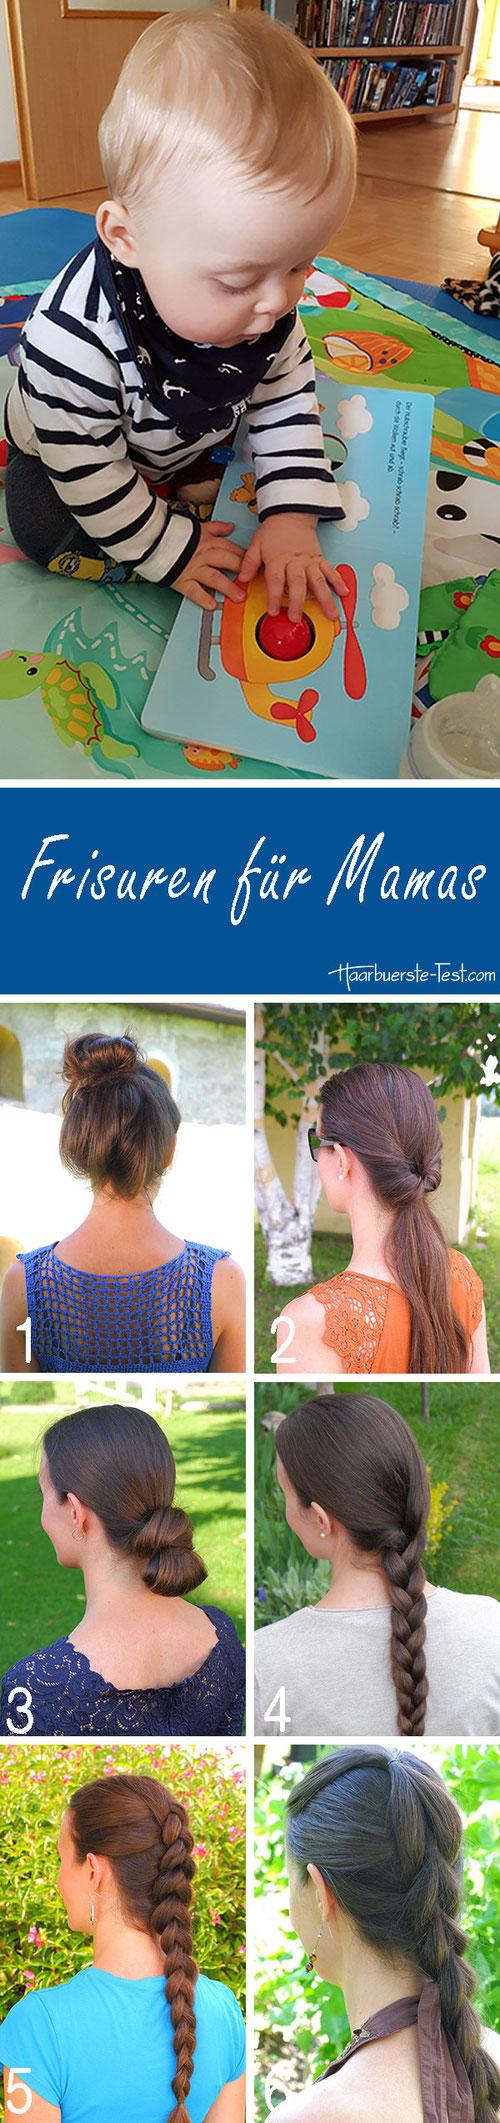 Frisuren für Mamas, Mama Frisur